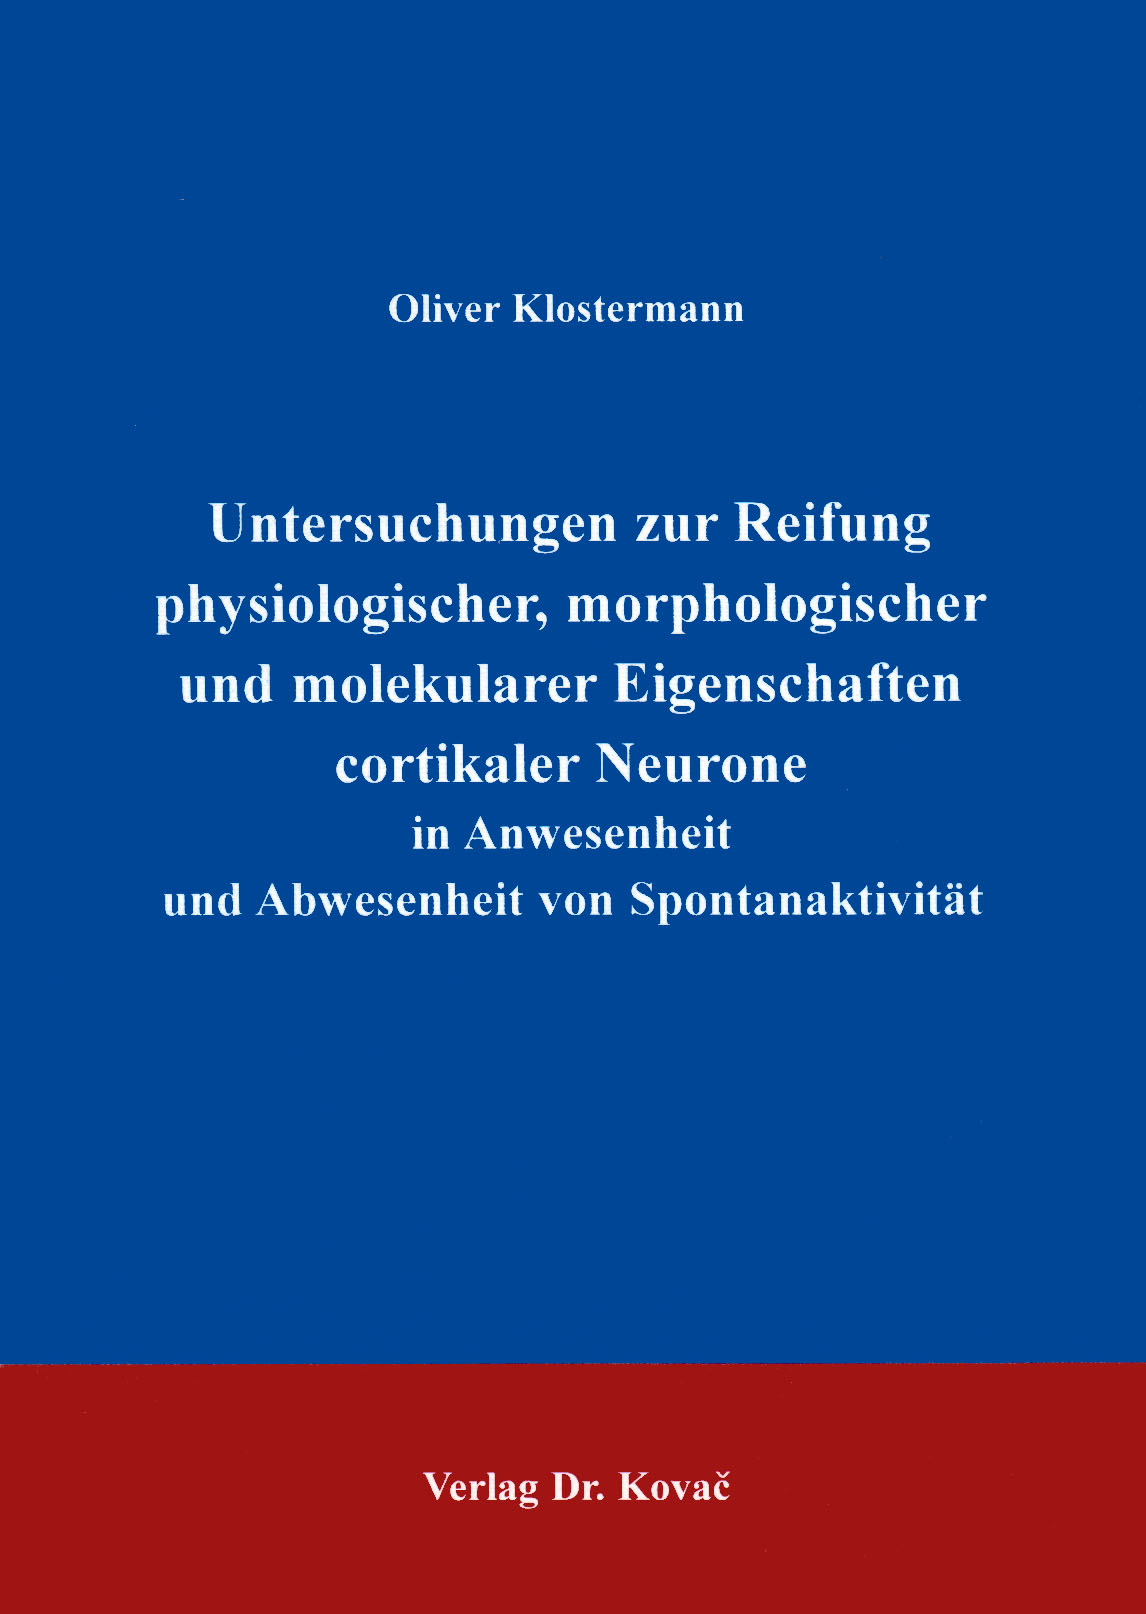 Cover: Untersuchungen zur Reifung physiologischer, morphologischer und molekularer Eigenschaften cortikaler Neurone in Anwesenheit und Abwesenheit von Spontanaktivität